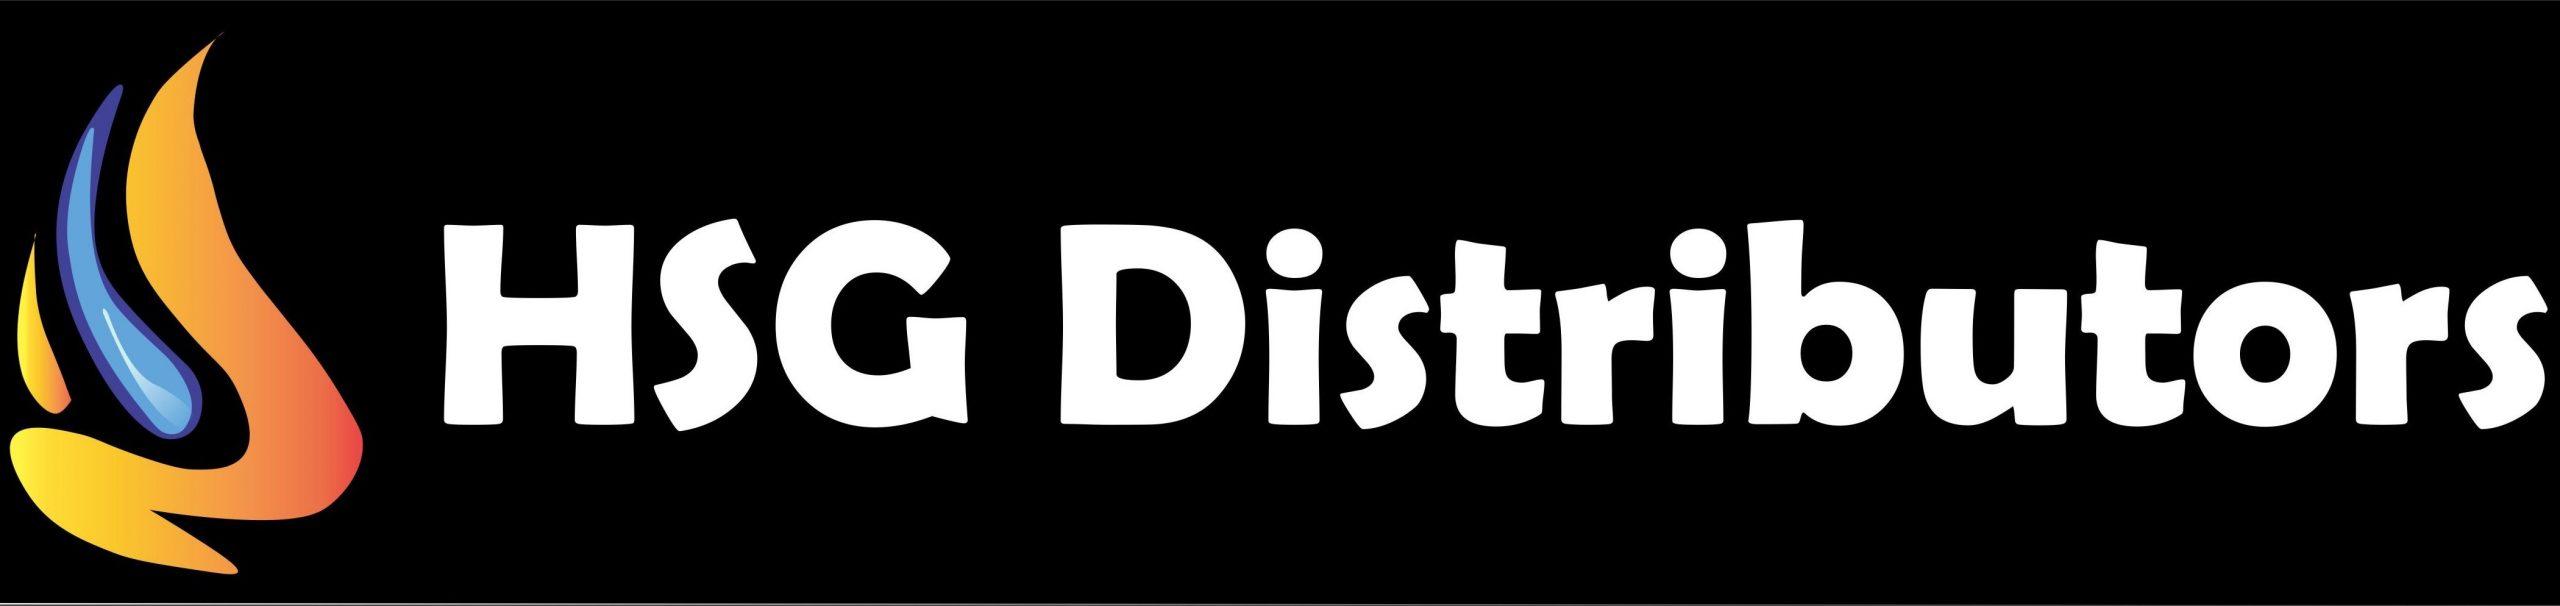 HSG Distributors